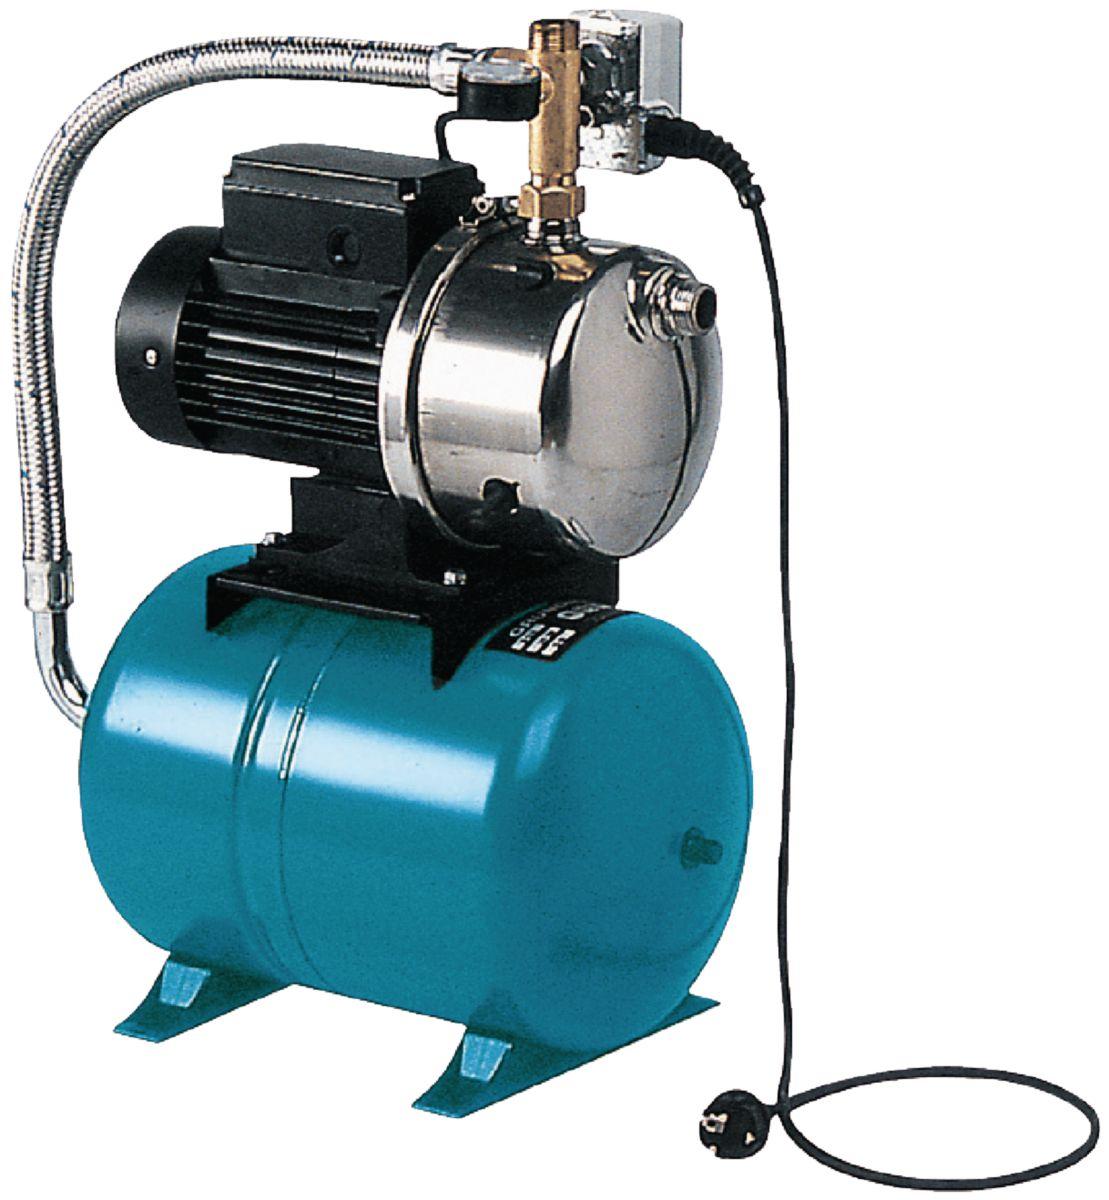 Surpresseur pour adduction d'eau domestique JP BOOSTER 230 V Mono JP BOOSTER 5-60 réf. 4651BQBB